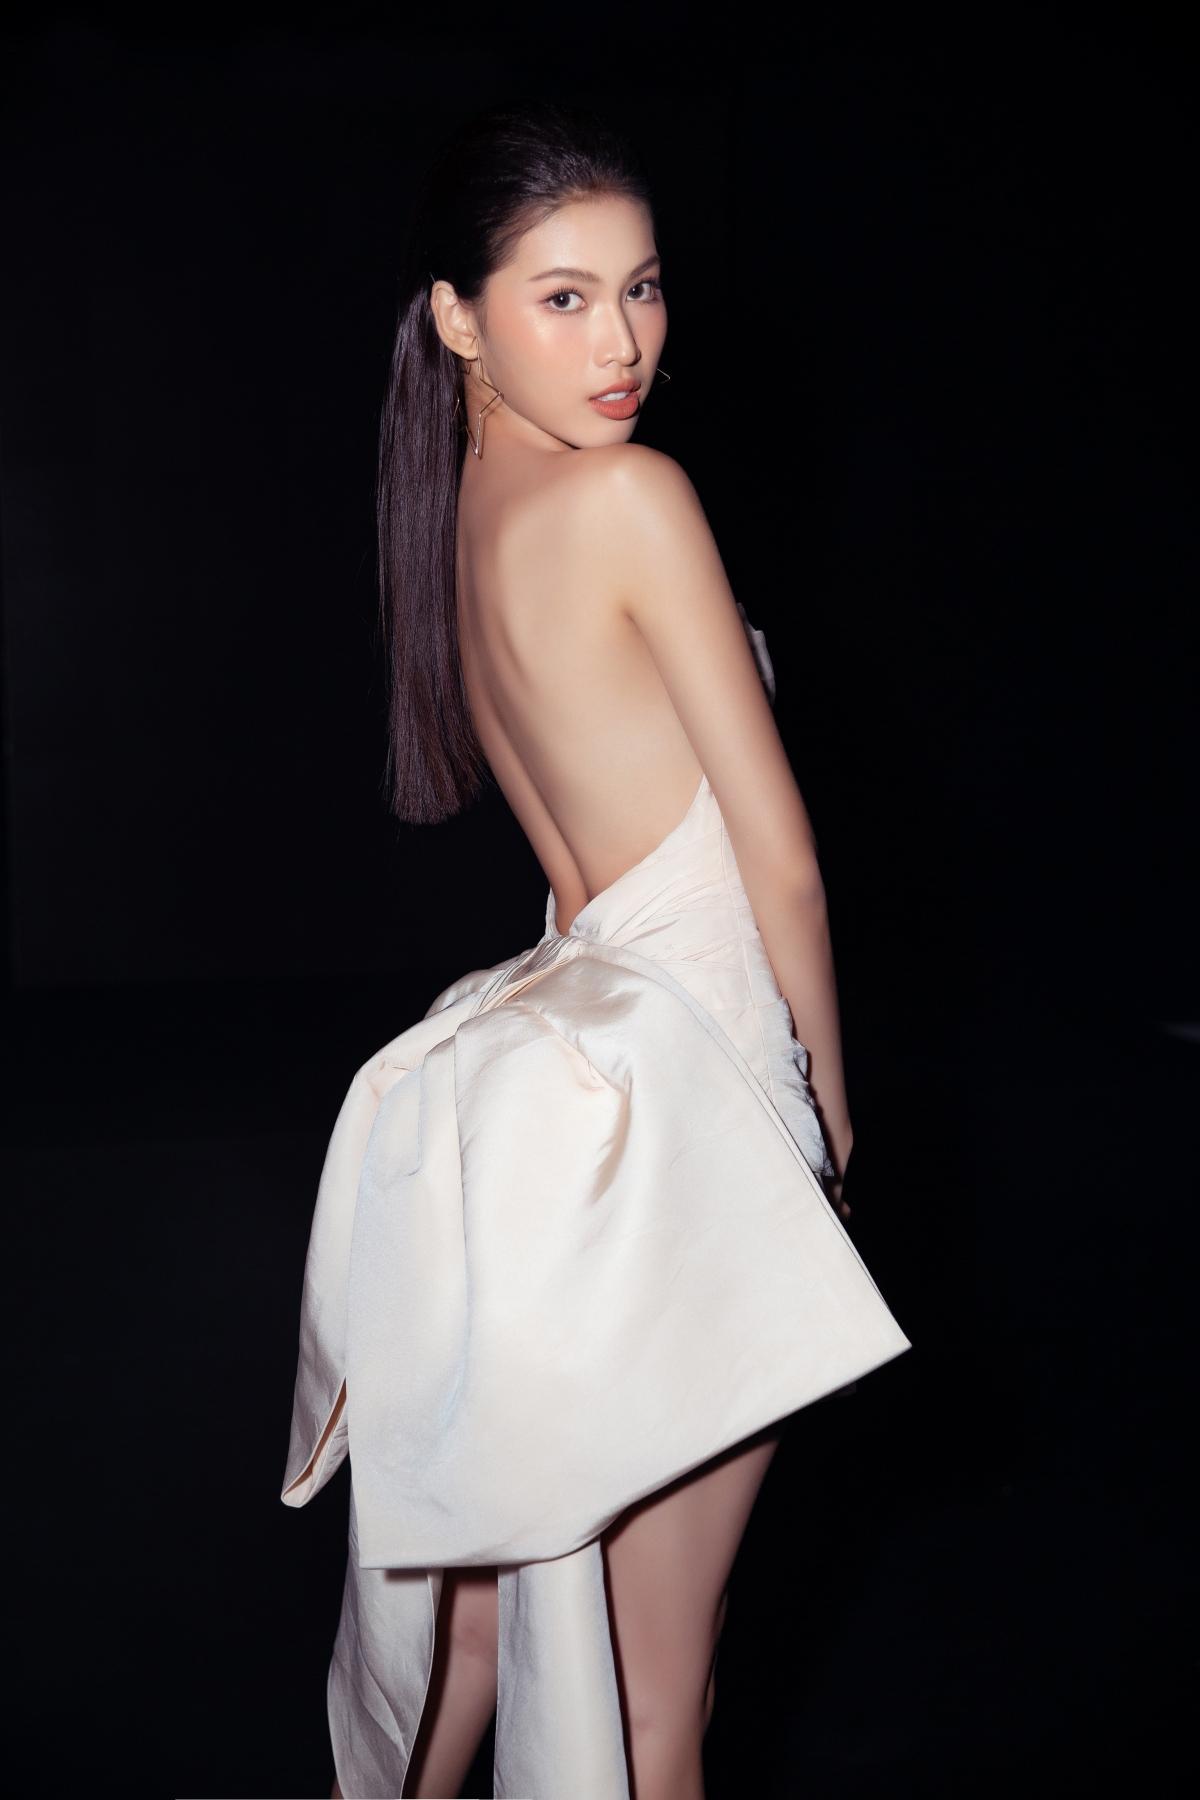 Kế đến là Á hậu Ngọc Thảo với vẻ đẹp tràn đầy năng lượng trong chiếc váy cúp ngực khoe trọn đường cong cuốn hút.